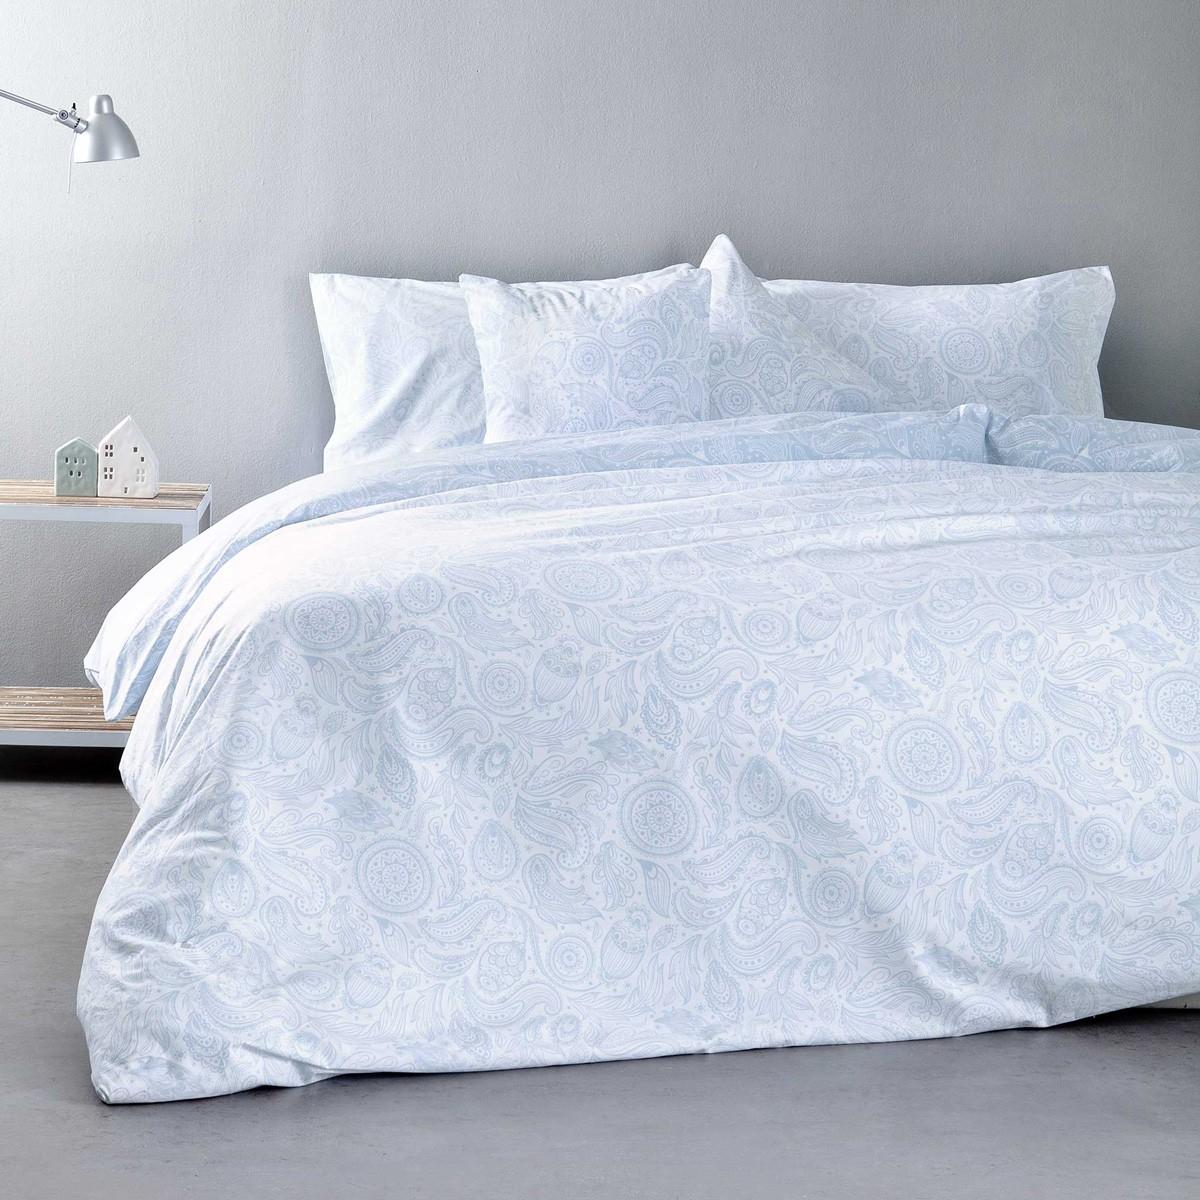 Κουβερλί Υπέρδιπλο Nima Bed Linen Jaipur Blue